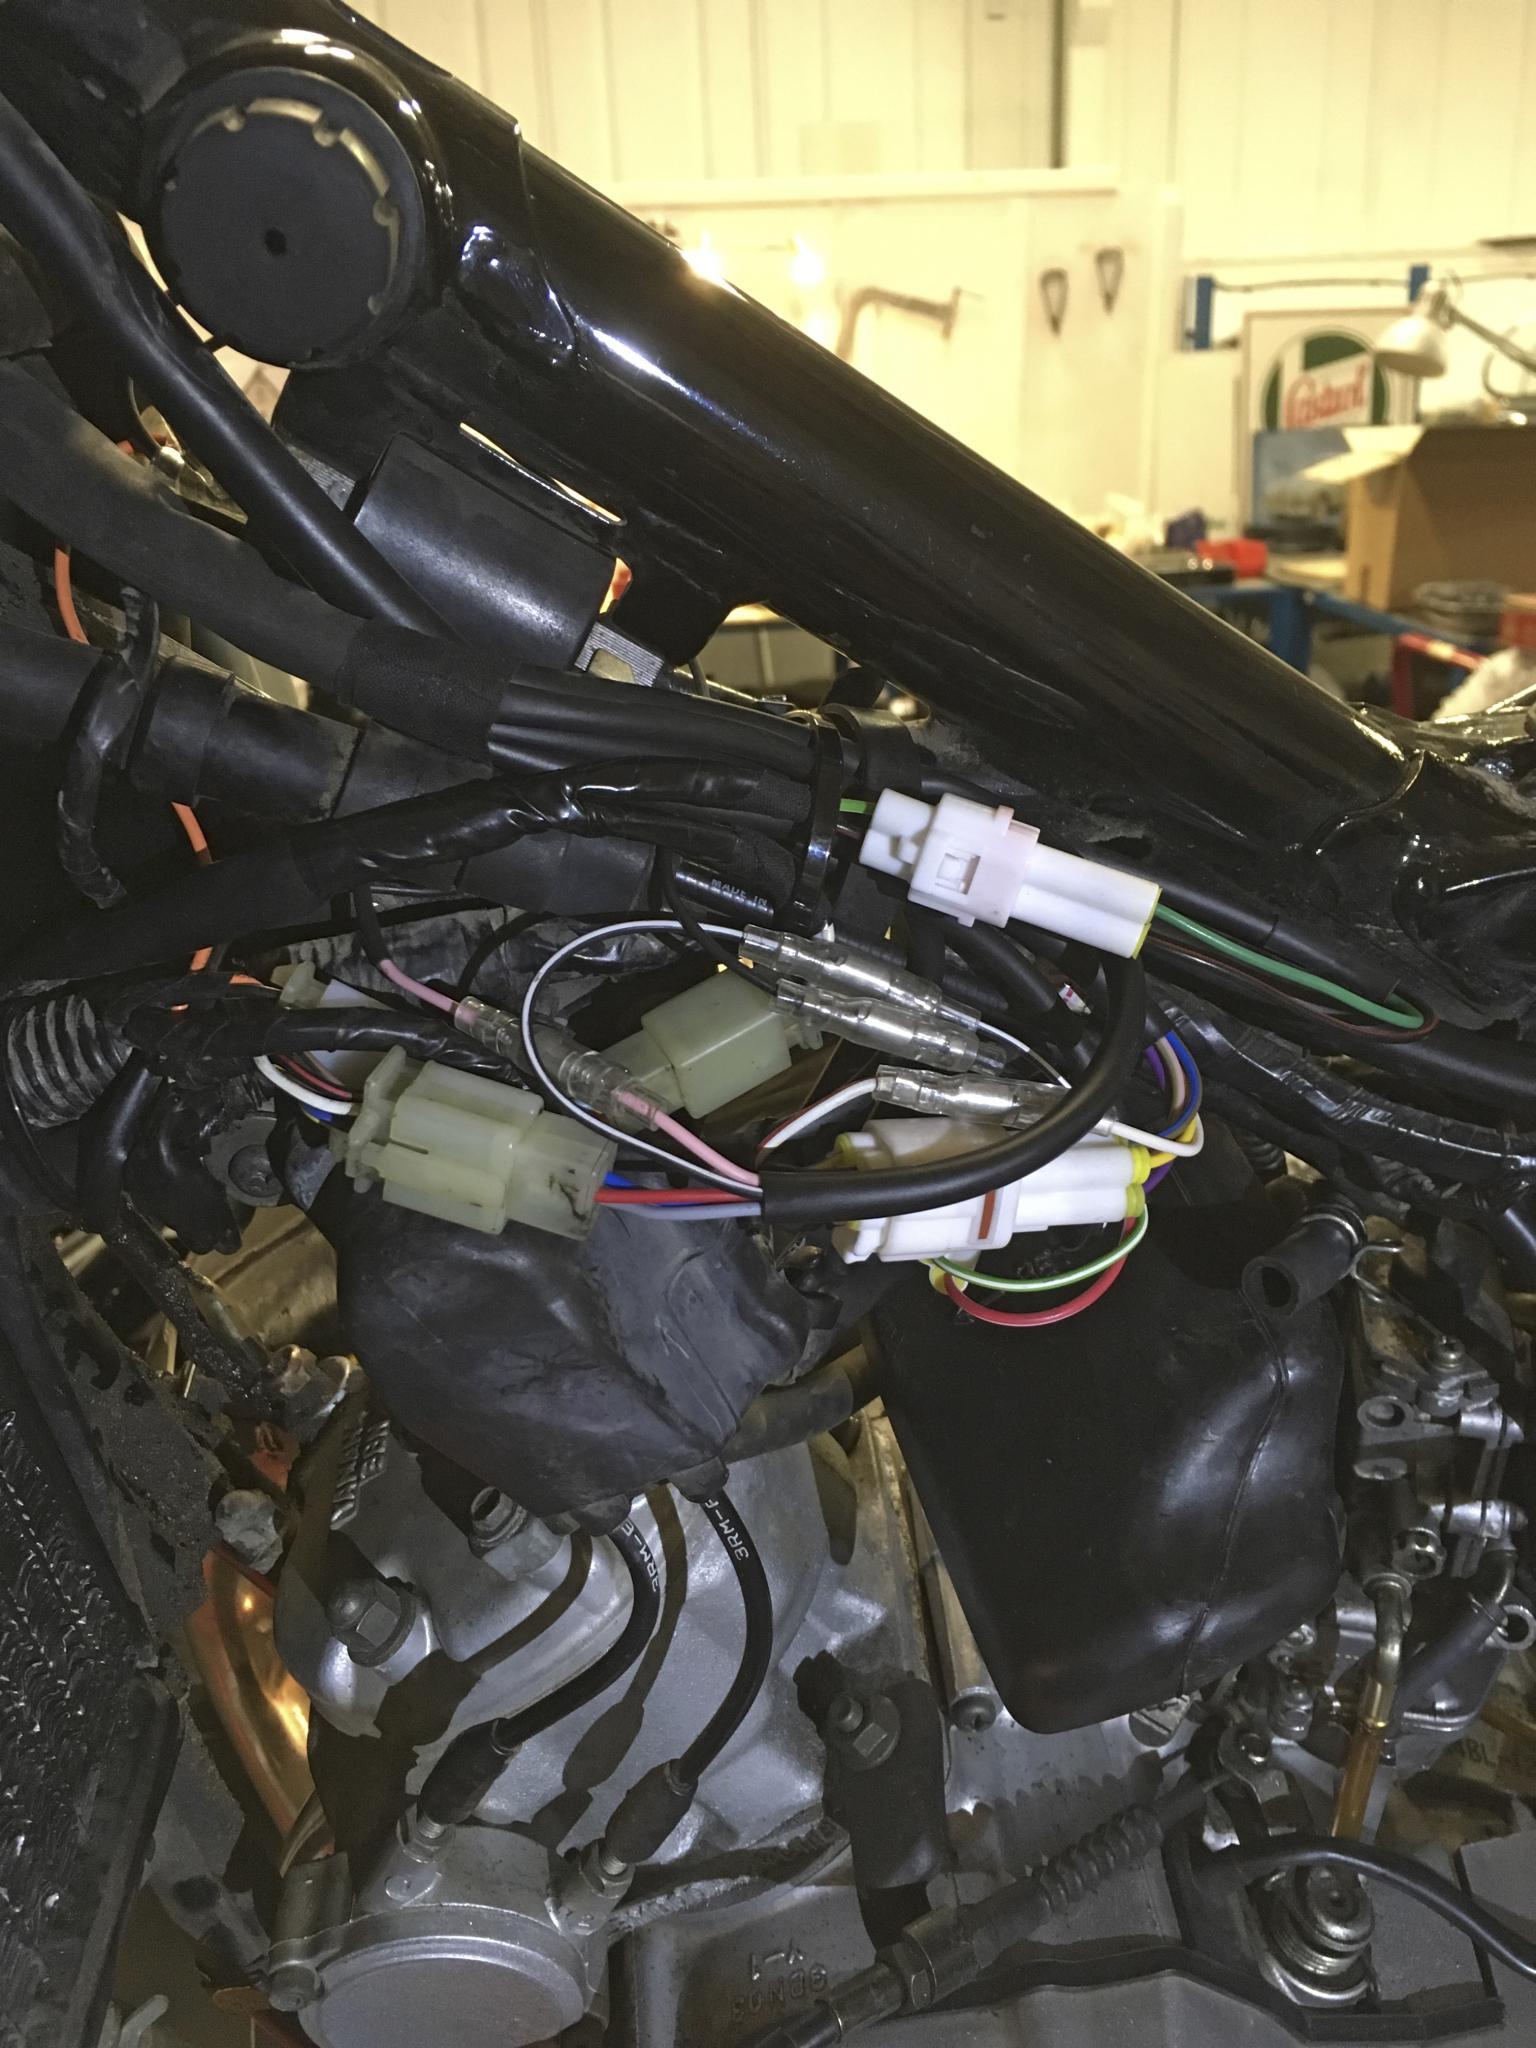 Jim U0026 39 S Yamaha Dt200r  U2013 Rupe U0026 39 S Rewires